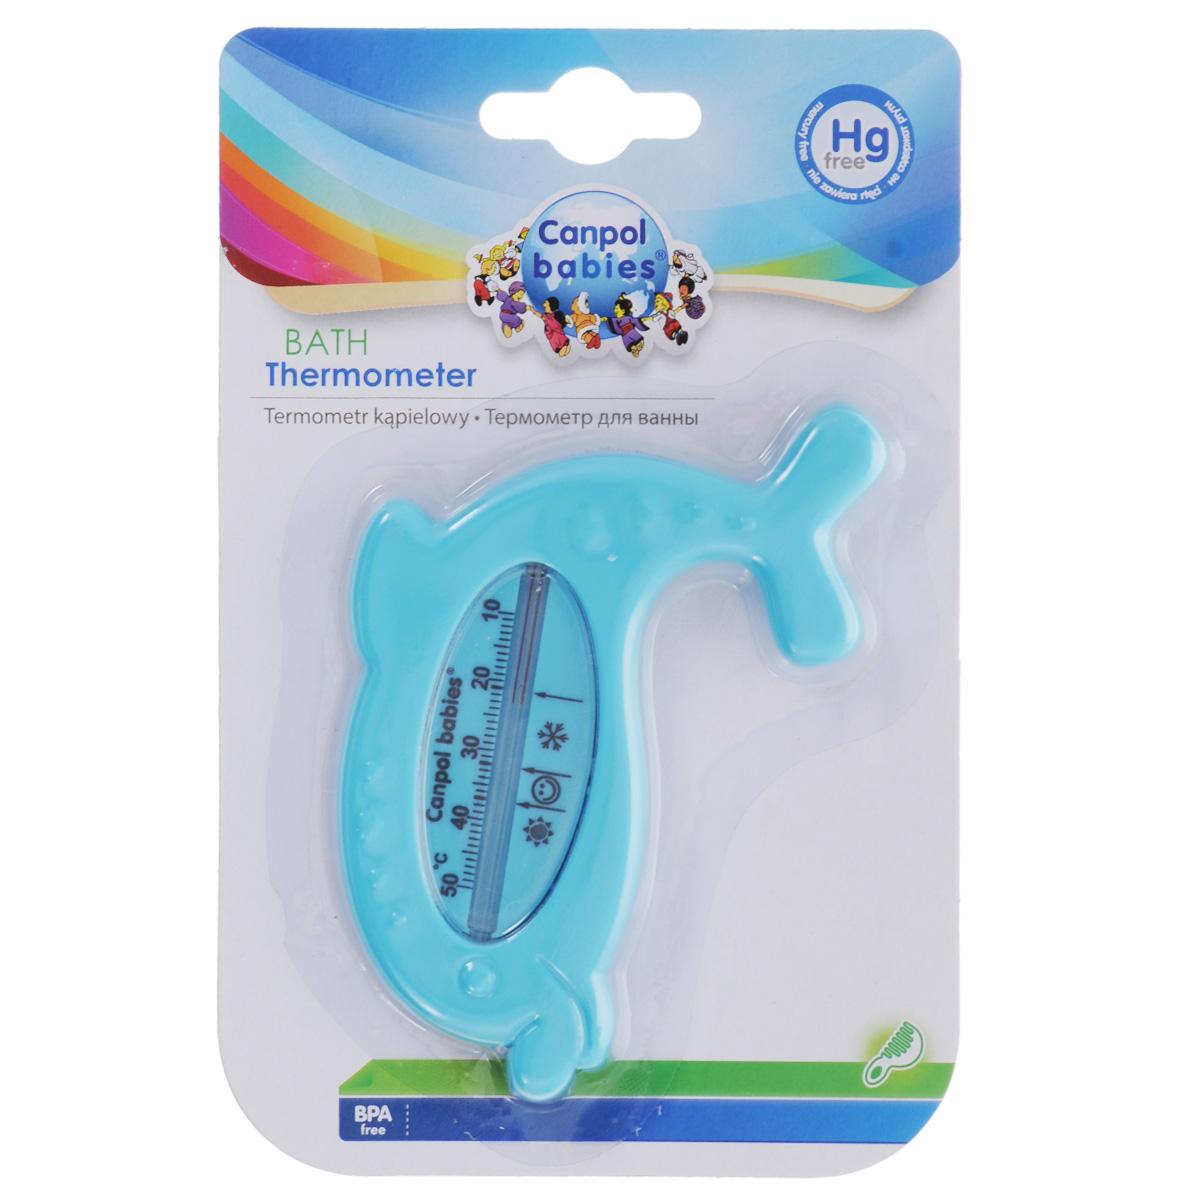 Canpol Babies Термометр для ванны цвет голубой2/782_голубой дельфинТермометр для ванны Canpol Babies в форме дельфина позволяет очень точно измерять температуру воды. Не содержит ртути, что обеспечивает безопасность использования. Оптимальная температура воды для ребенка около 37°С, отмечена на шкале изображением смайлика. Шкала температуры в Цельсиях, от +10°С до +50°С.